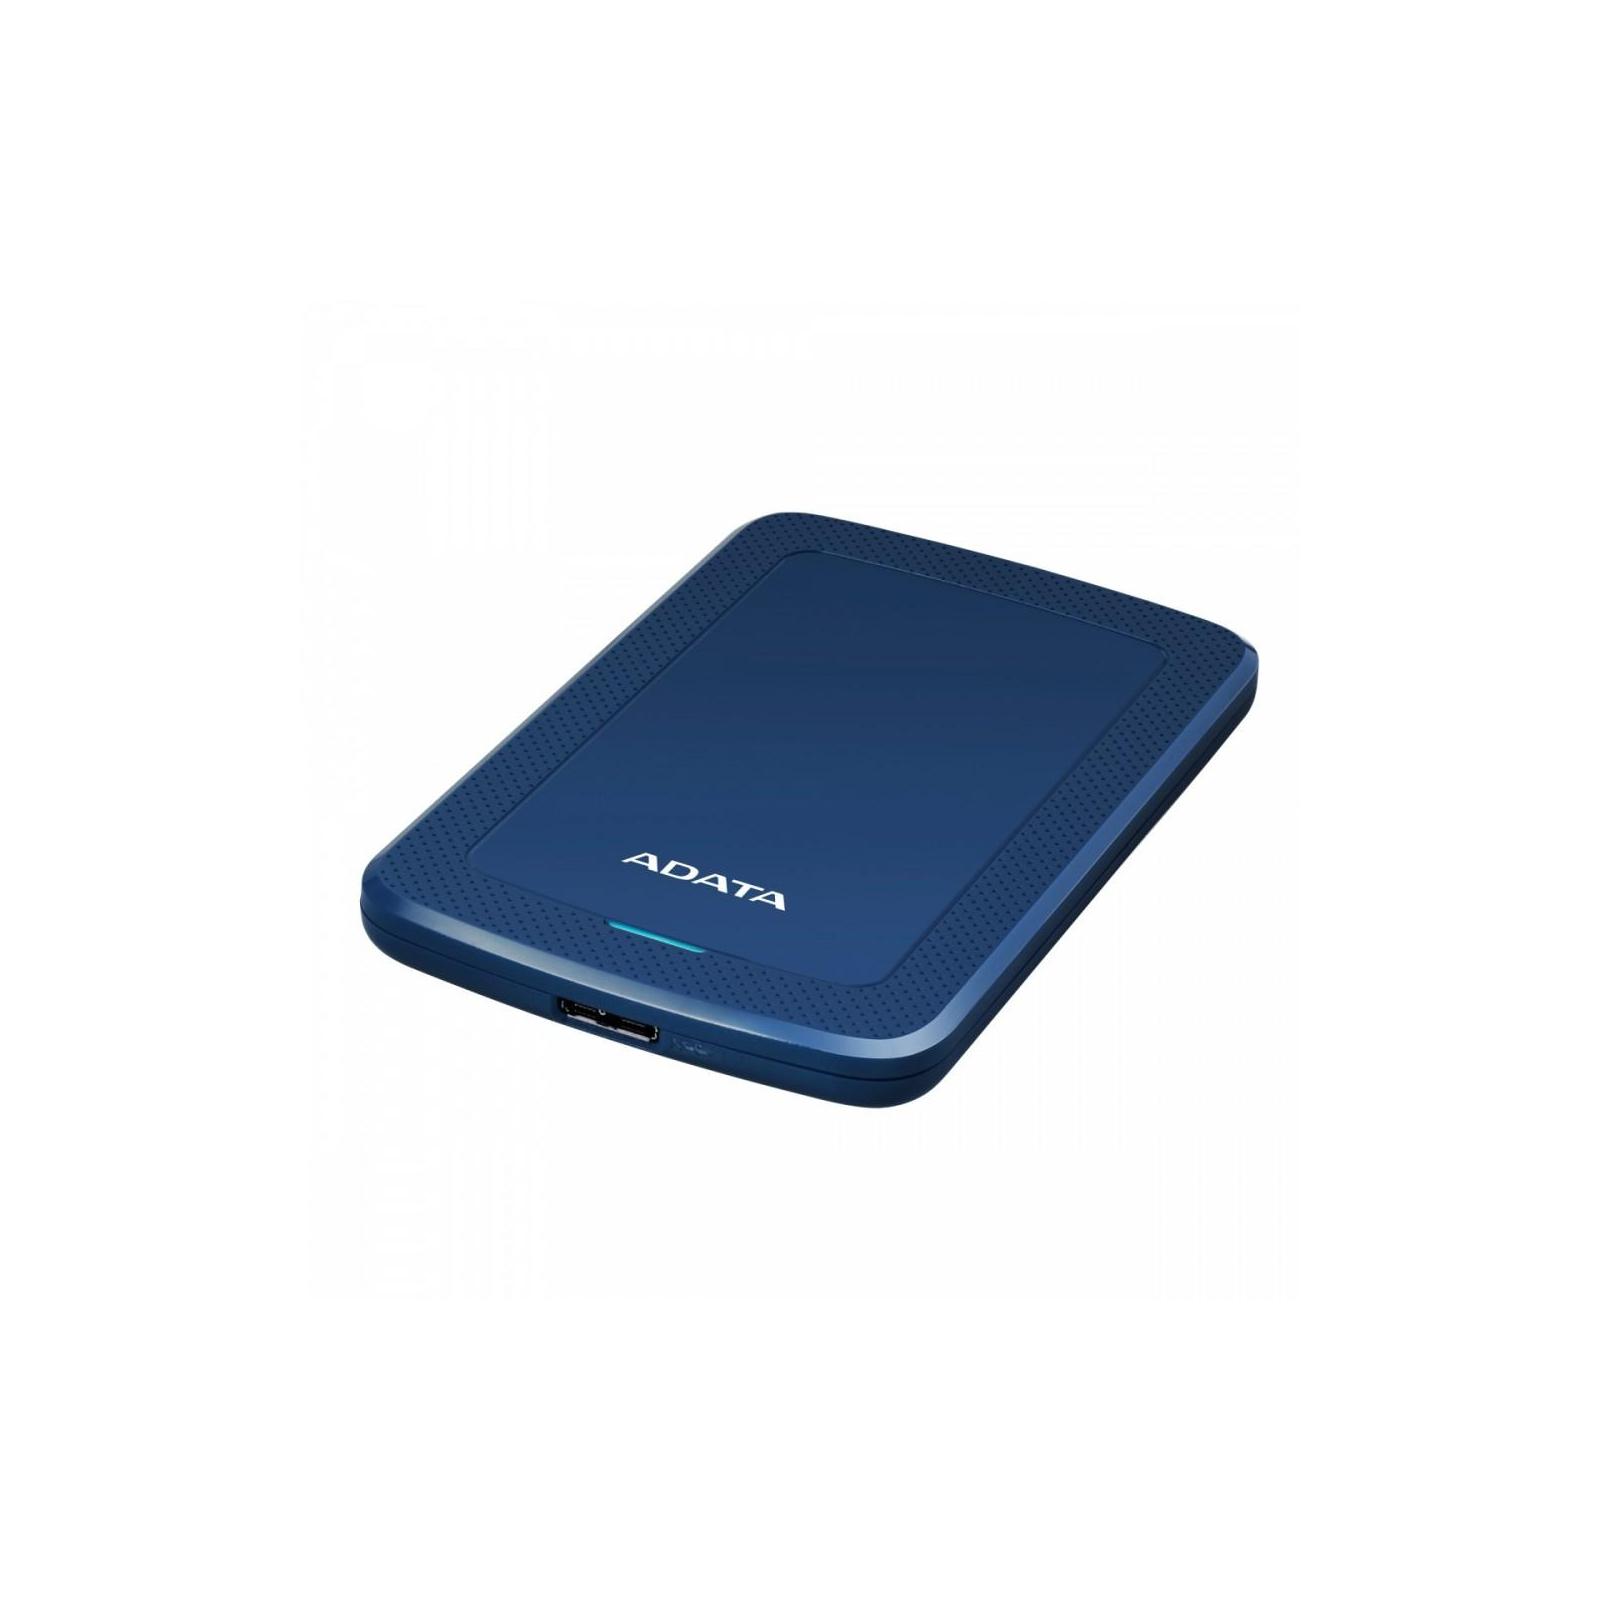 """Внешний жесткий диск 2.5"""" 1TB ADATA (AHV300-1TU31-CBL) изображение 2"""